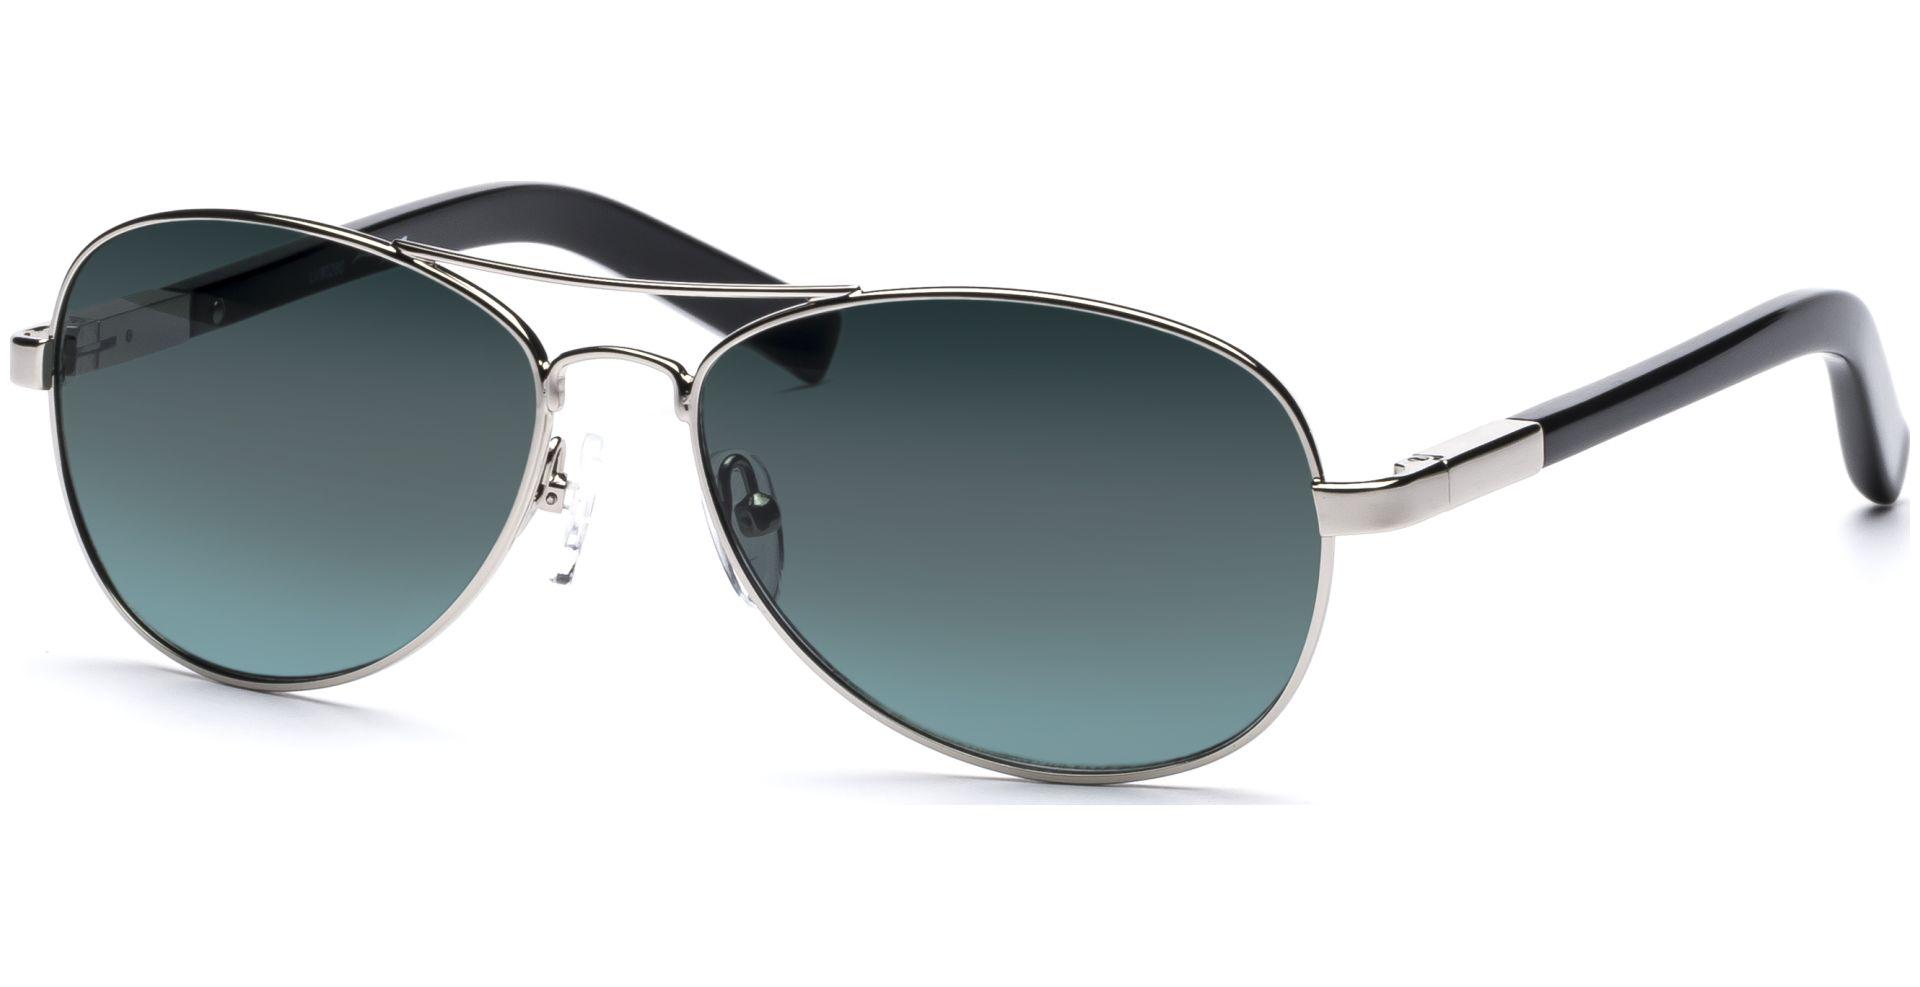 ray ban sonnenbrille mit gleitsichtgläsern